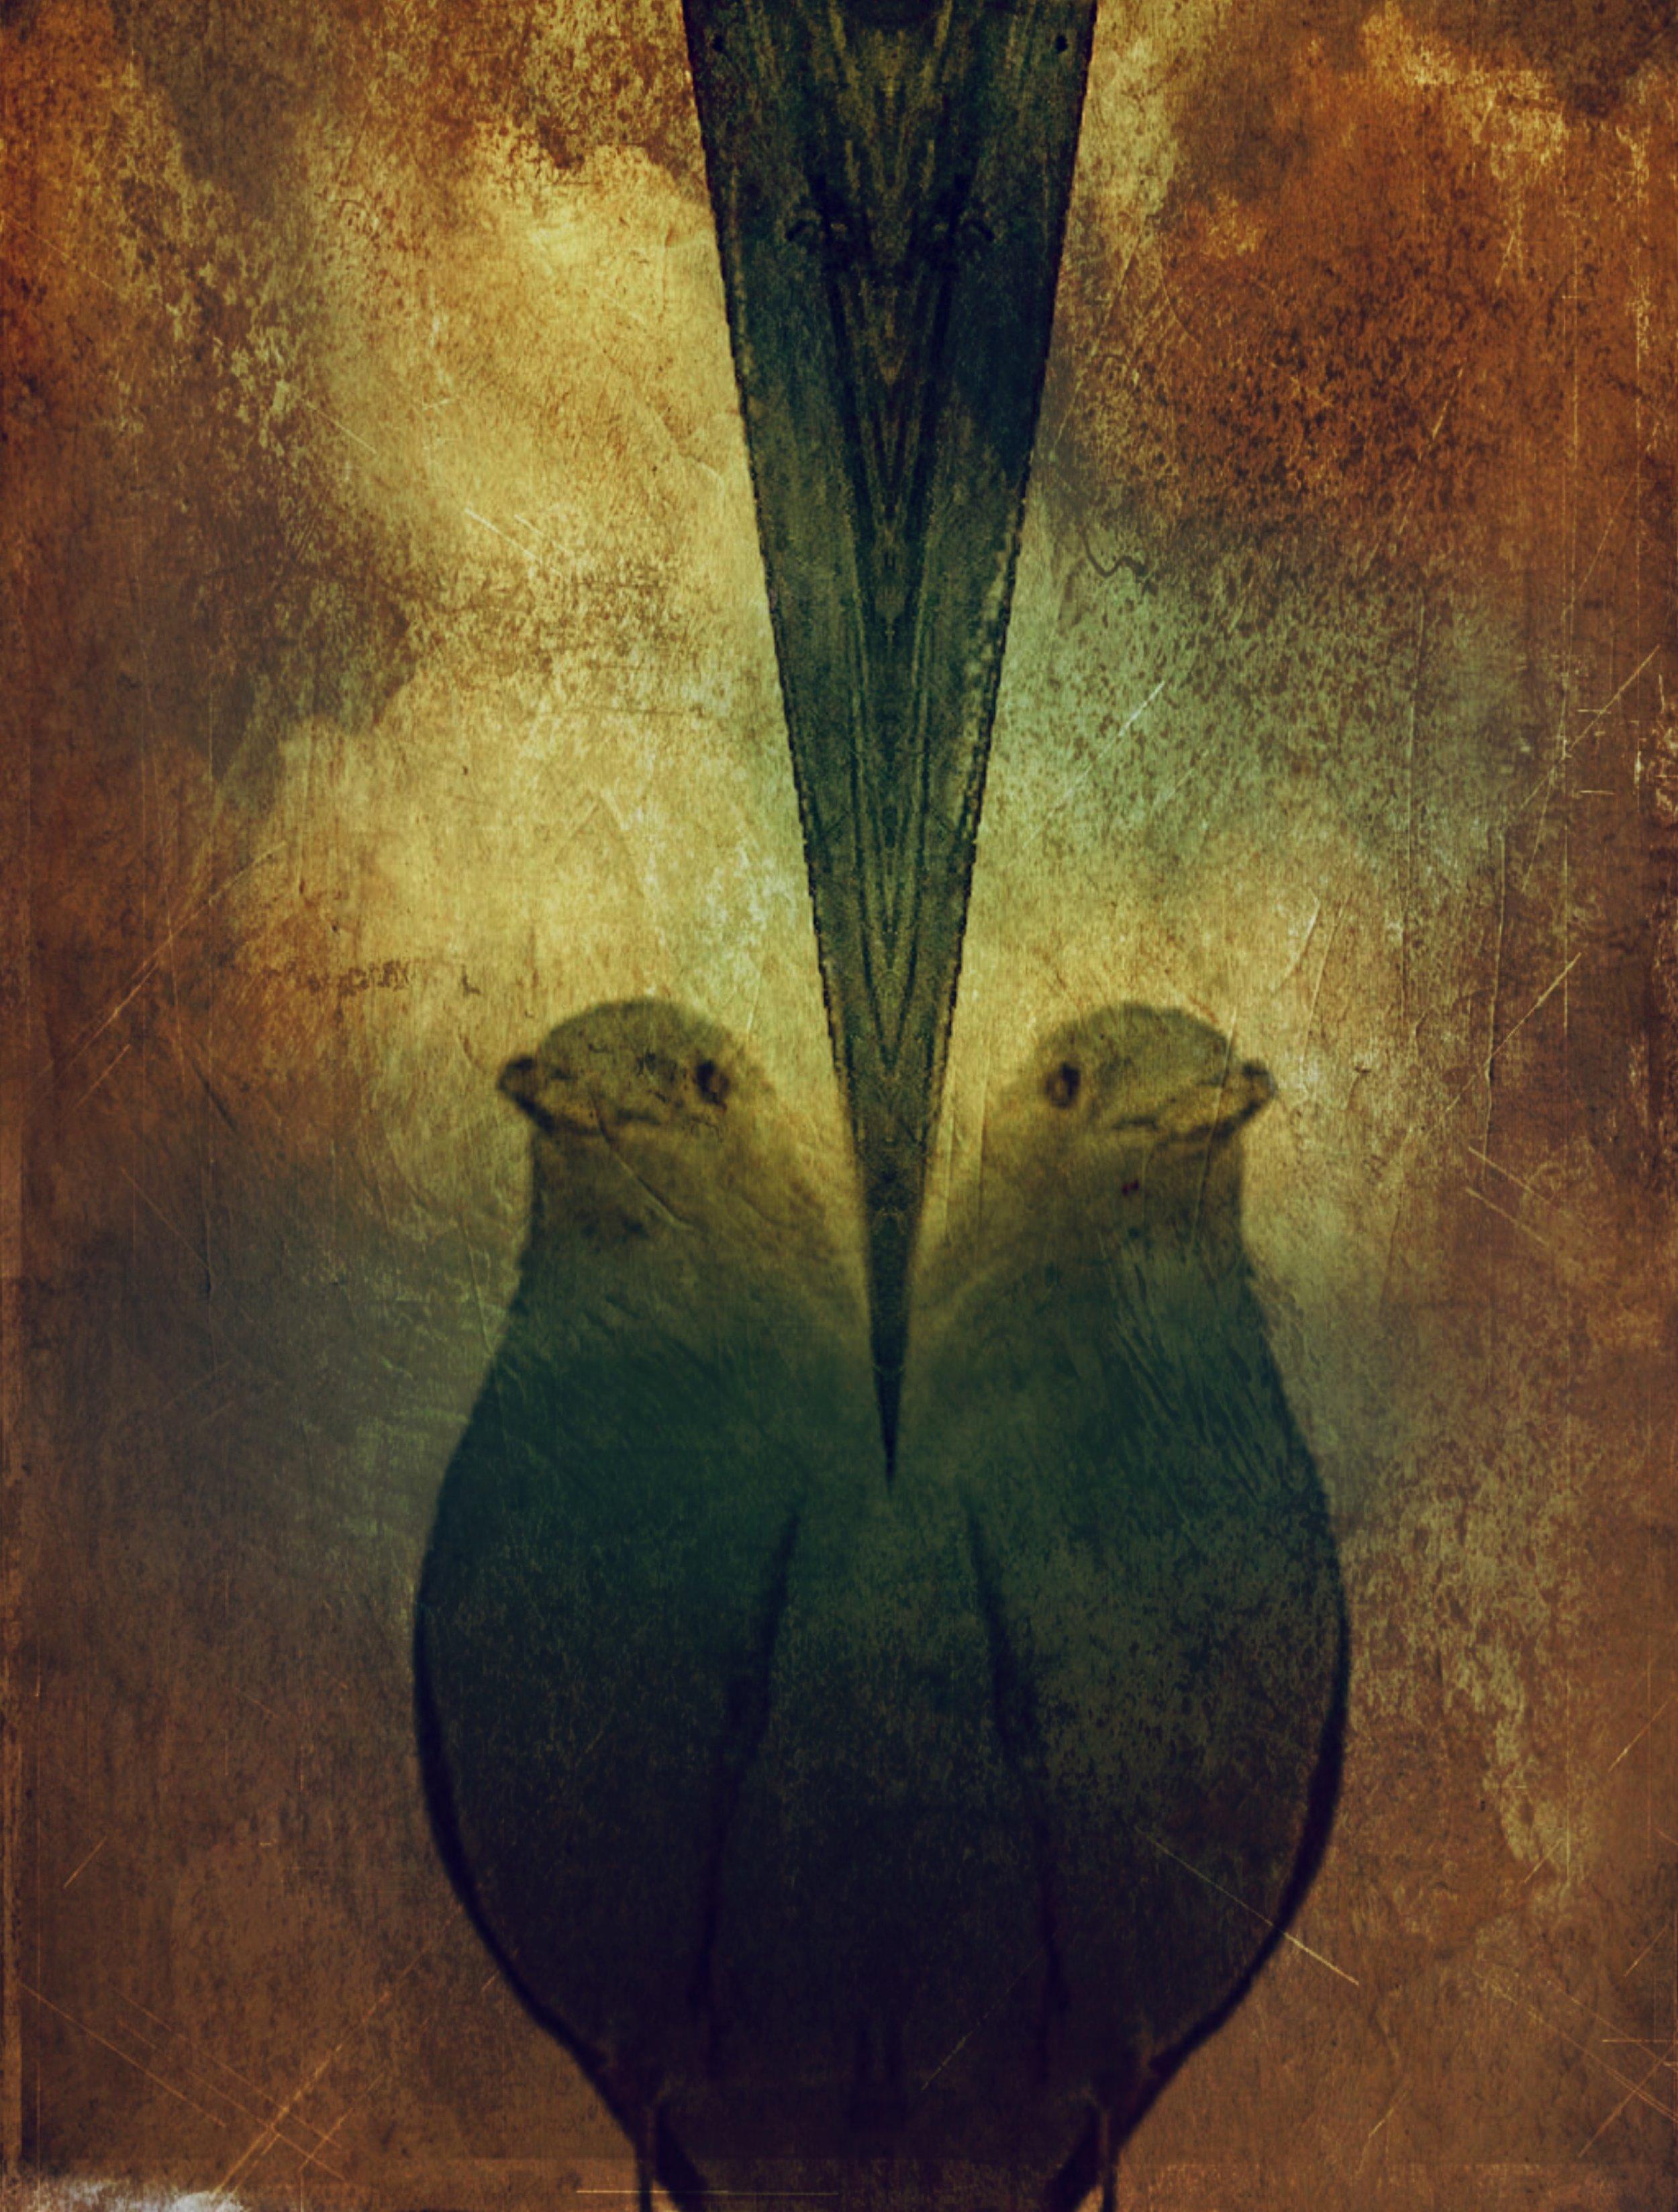 Asunder - Oblique, Superimpose X, iColorama